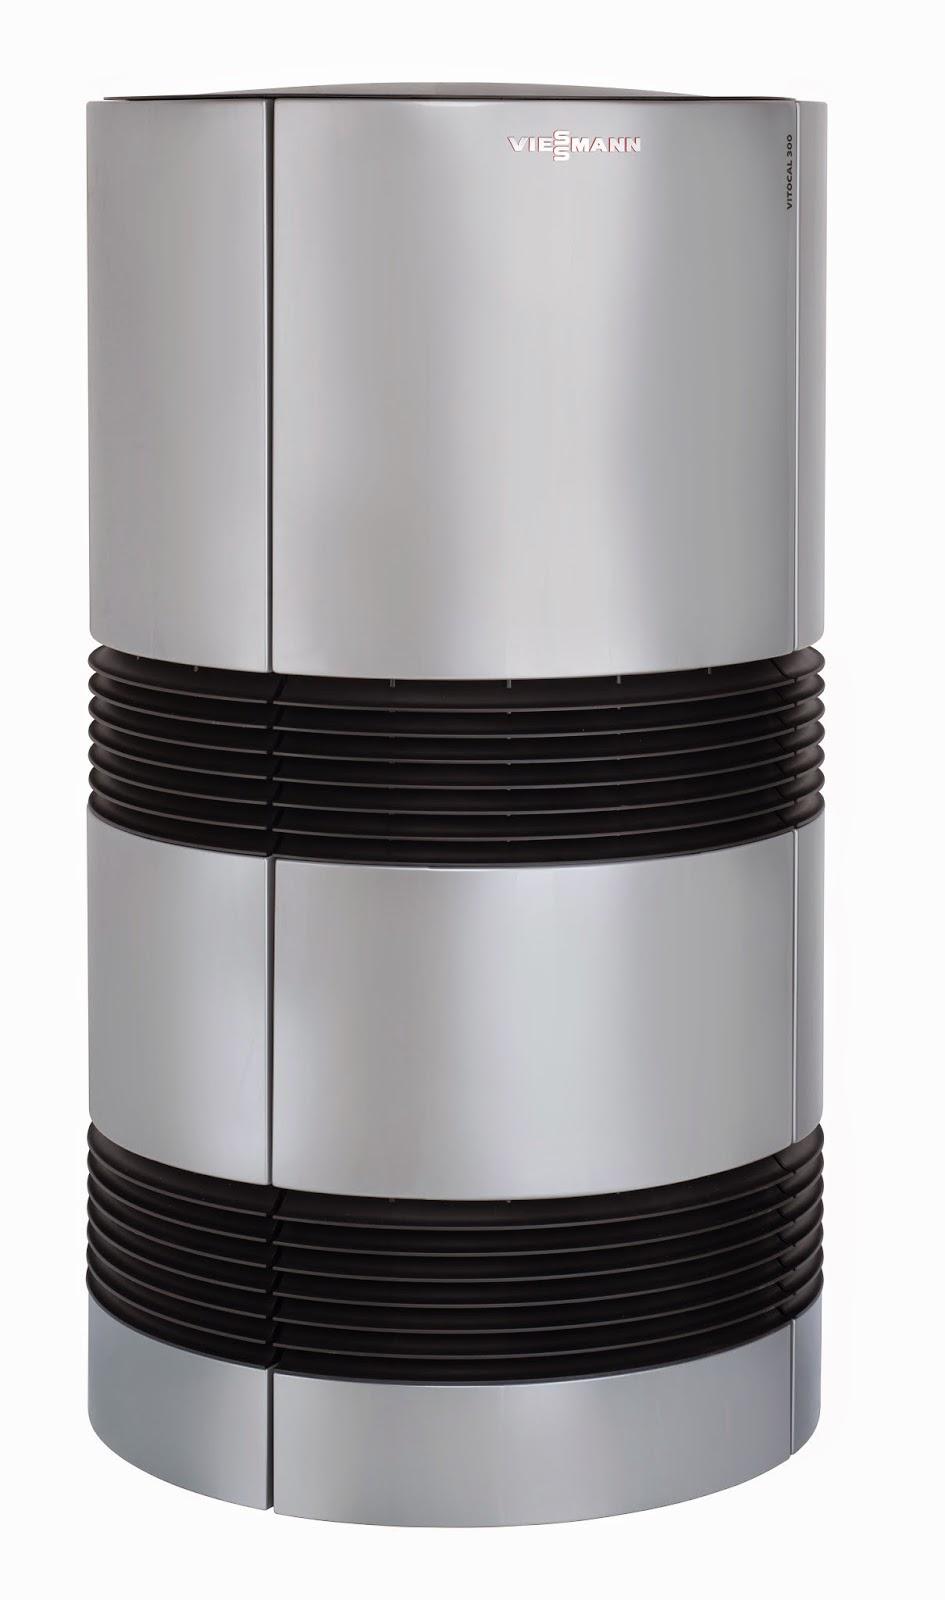 pompa di calore vitocal 300 a viessmann idraulica piatti. Black Bedroom Furniture Sets. Home Design Ideas